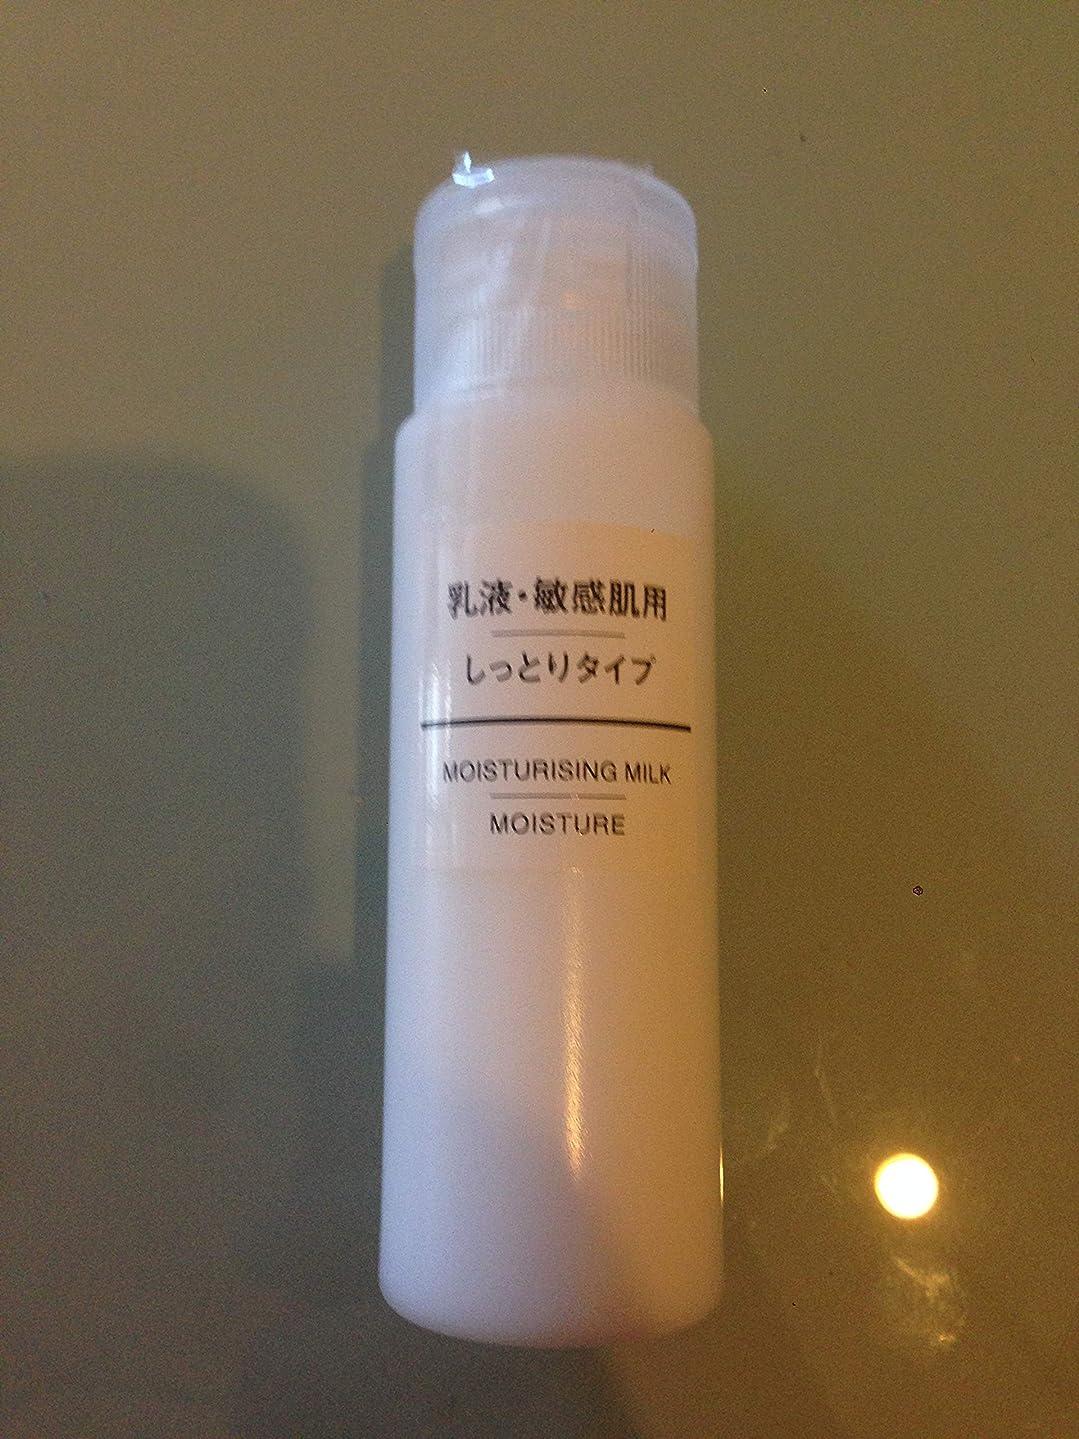 収穫老人議会無印良品 乳液 敏感肌用 しっとりタイプ(携帯用) 50ml